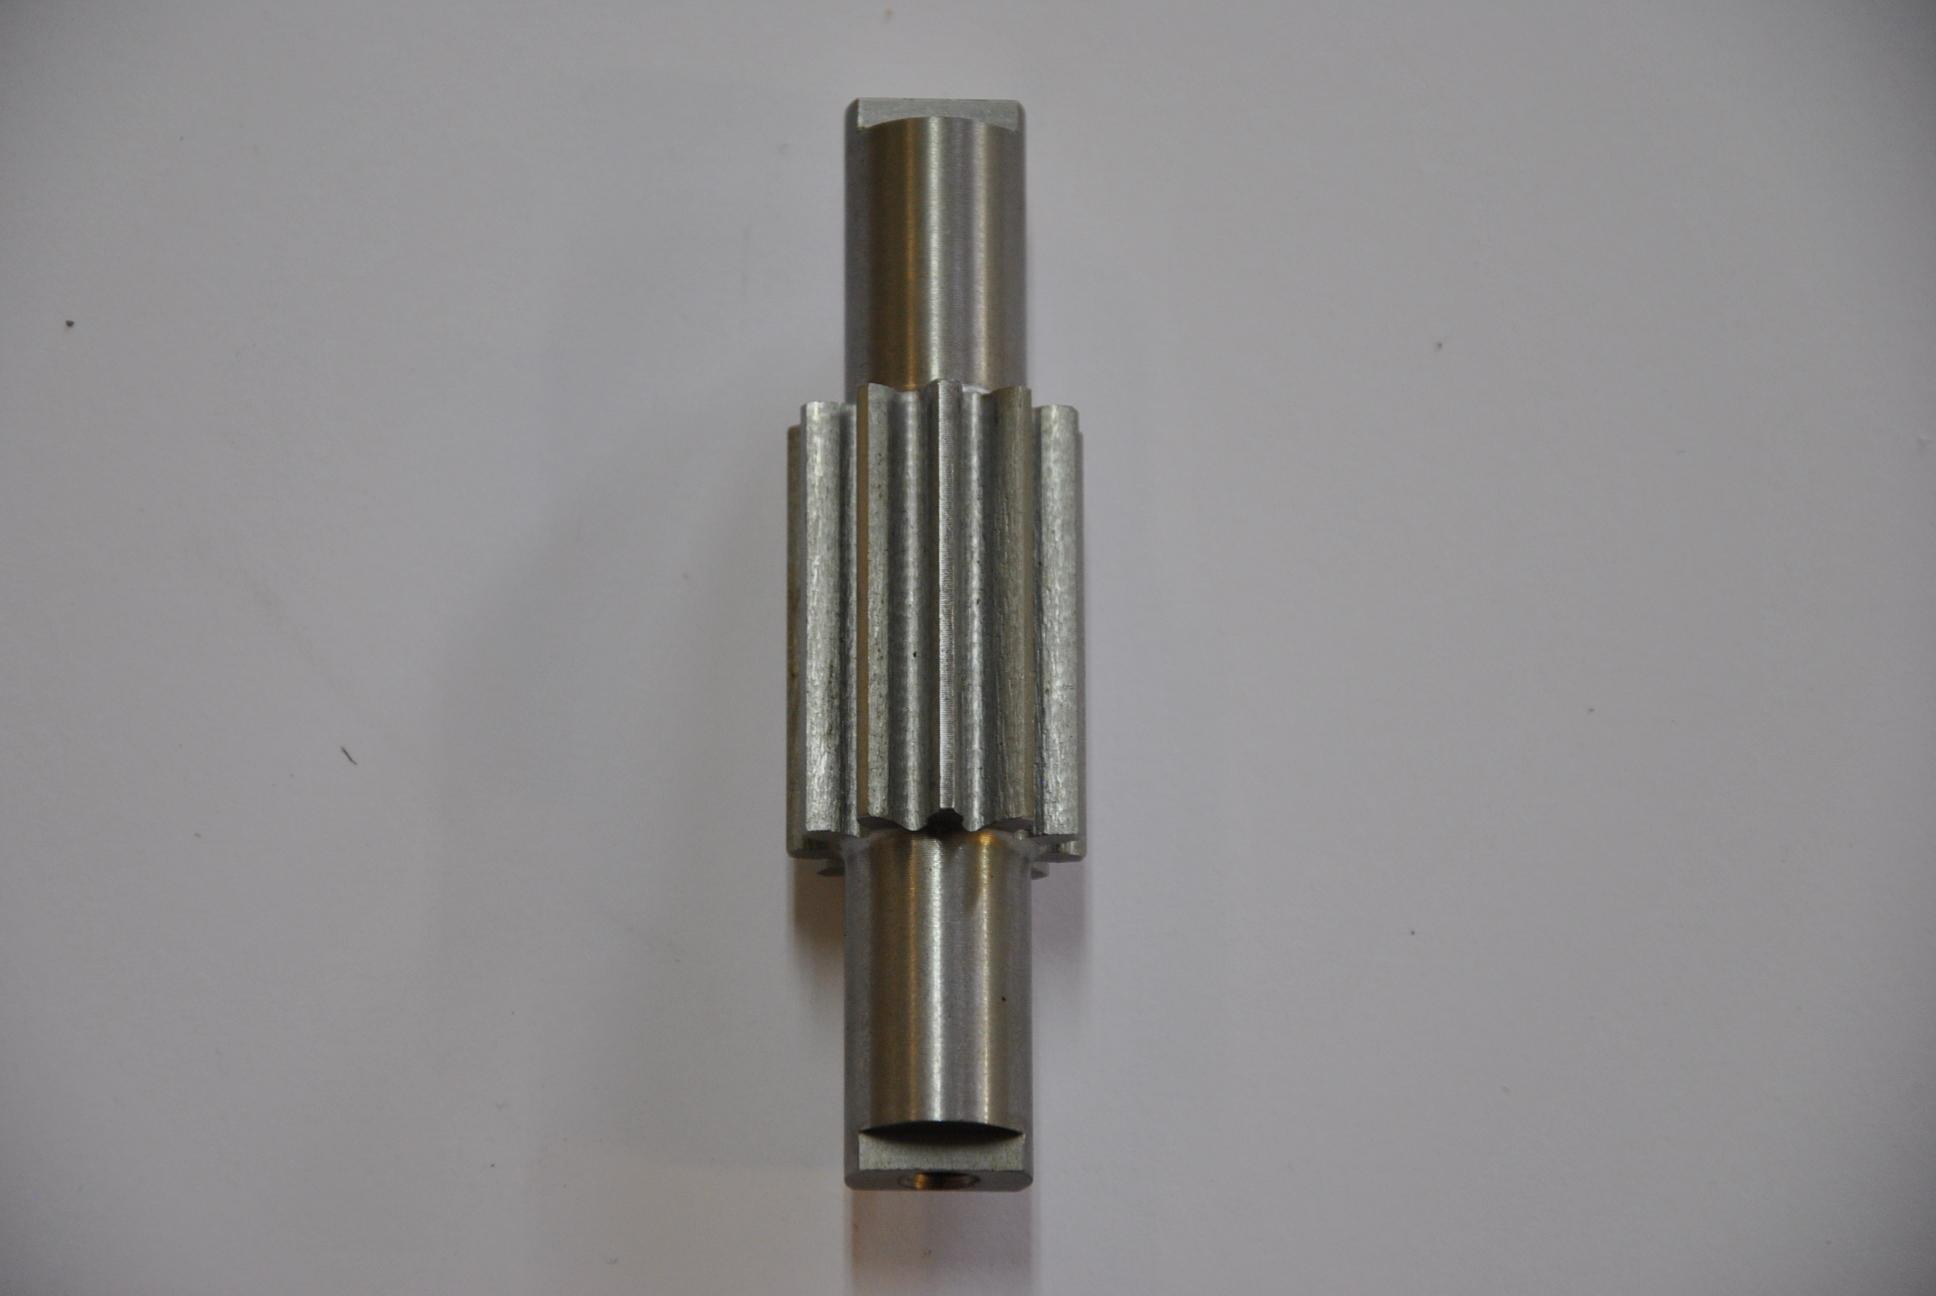 Шестерня устройства скручивания проволоки, 4-5 шт/комп